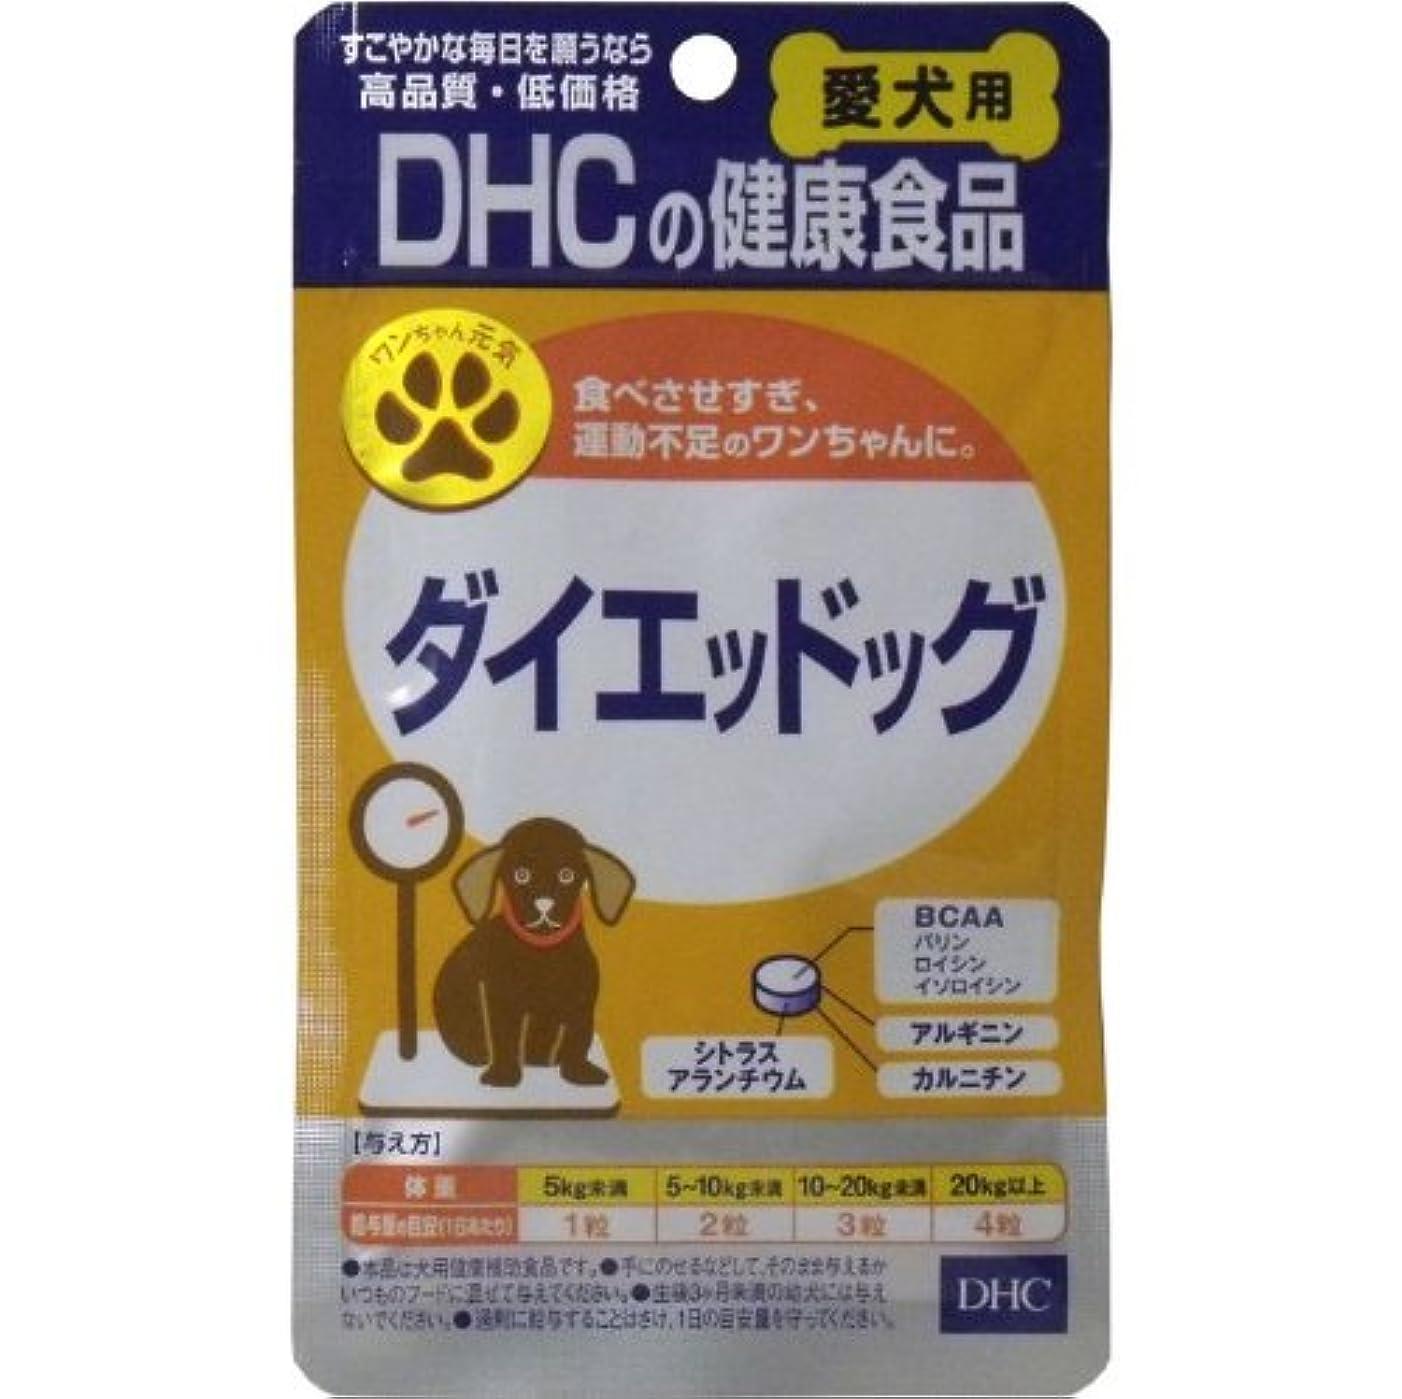 印象的有望港ペット用品 ペットサプリメント ダイエット 健康 食品 犬用